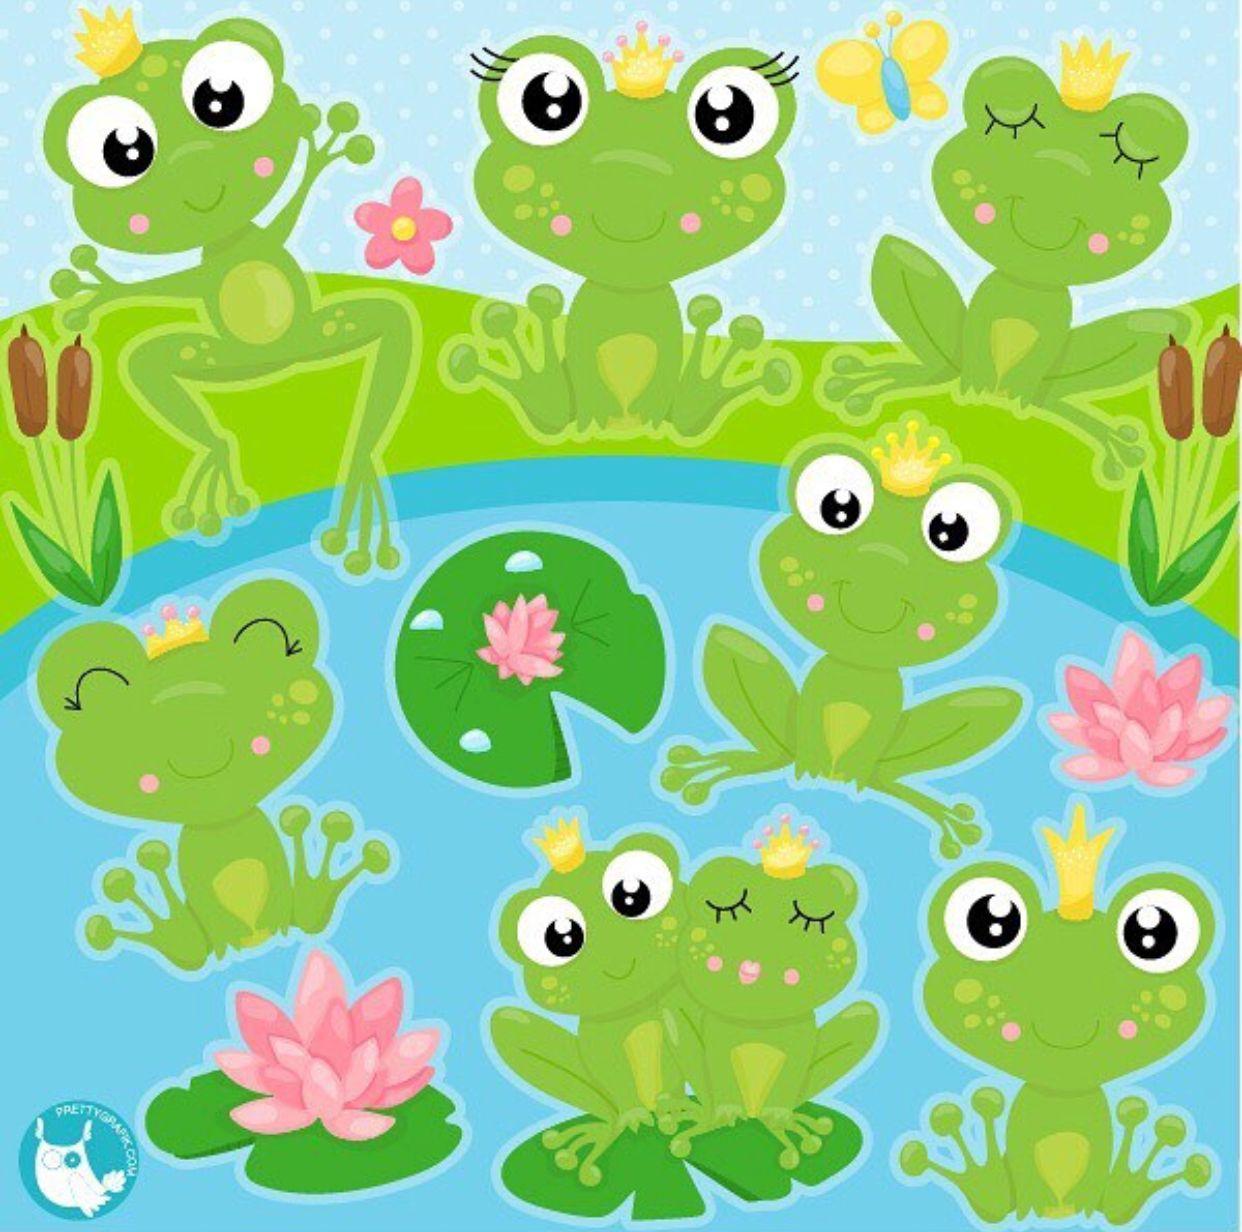 Znalezione obrazy dla zapytania: żaba clipart